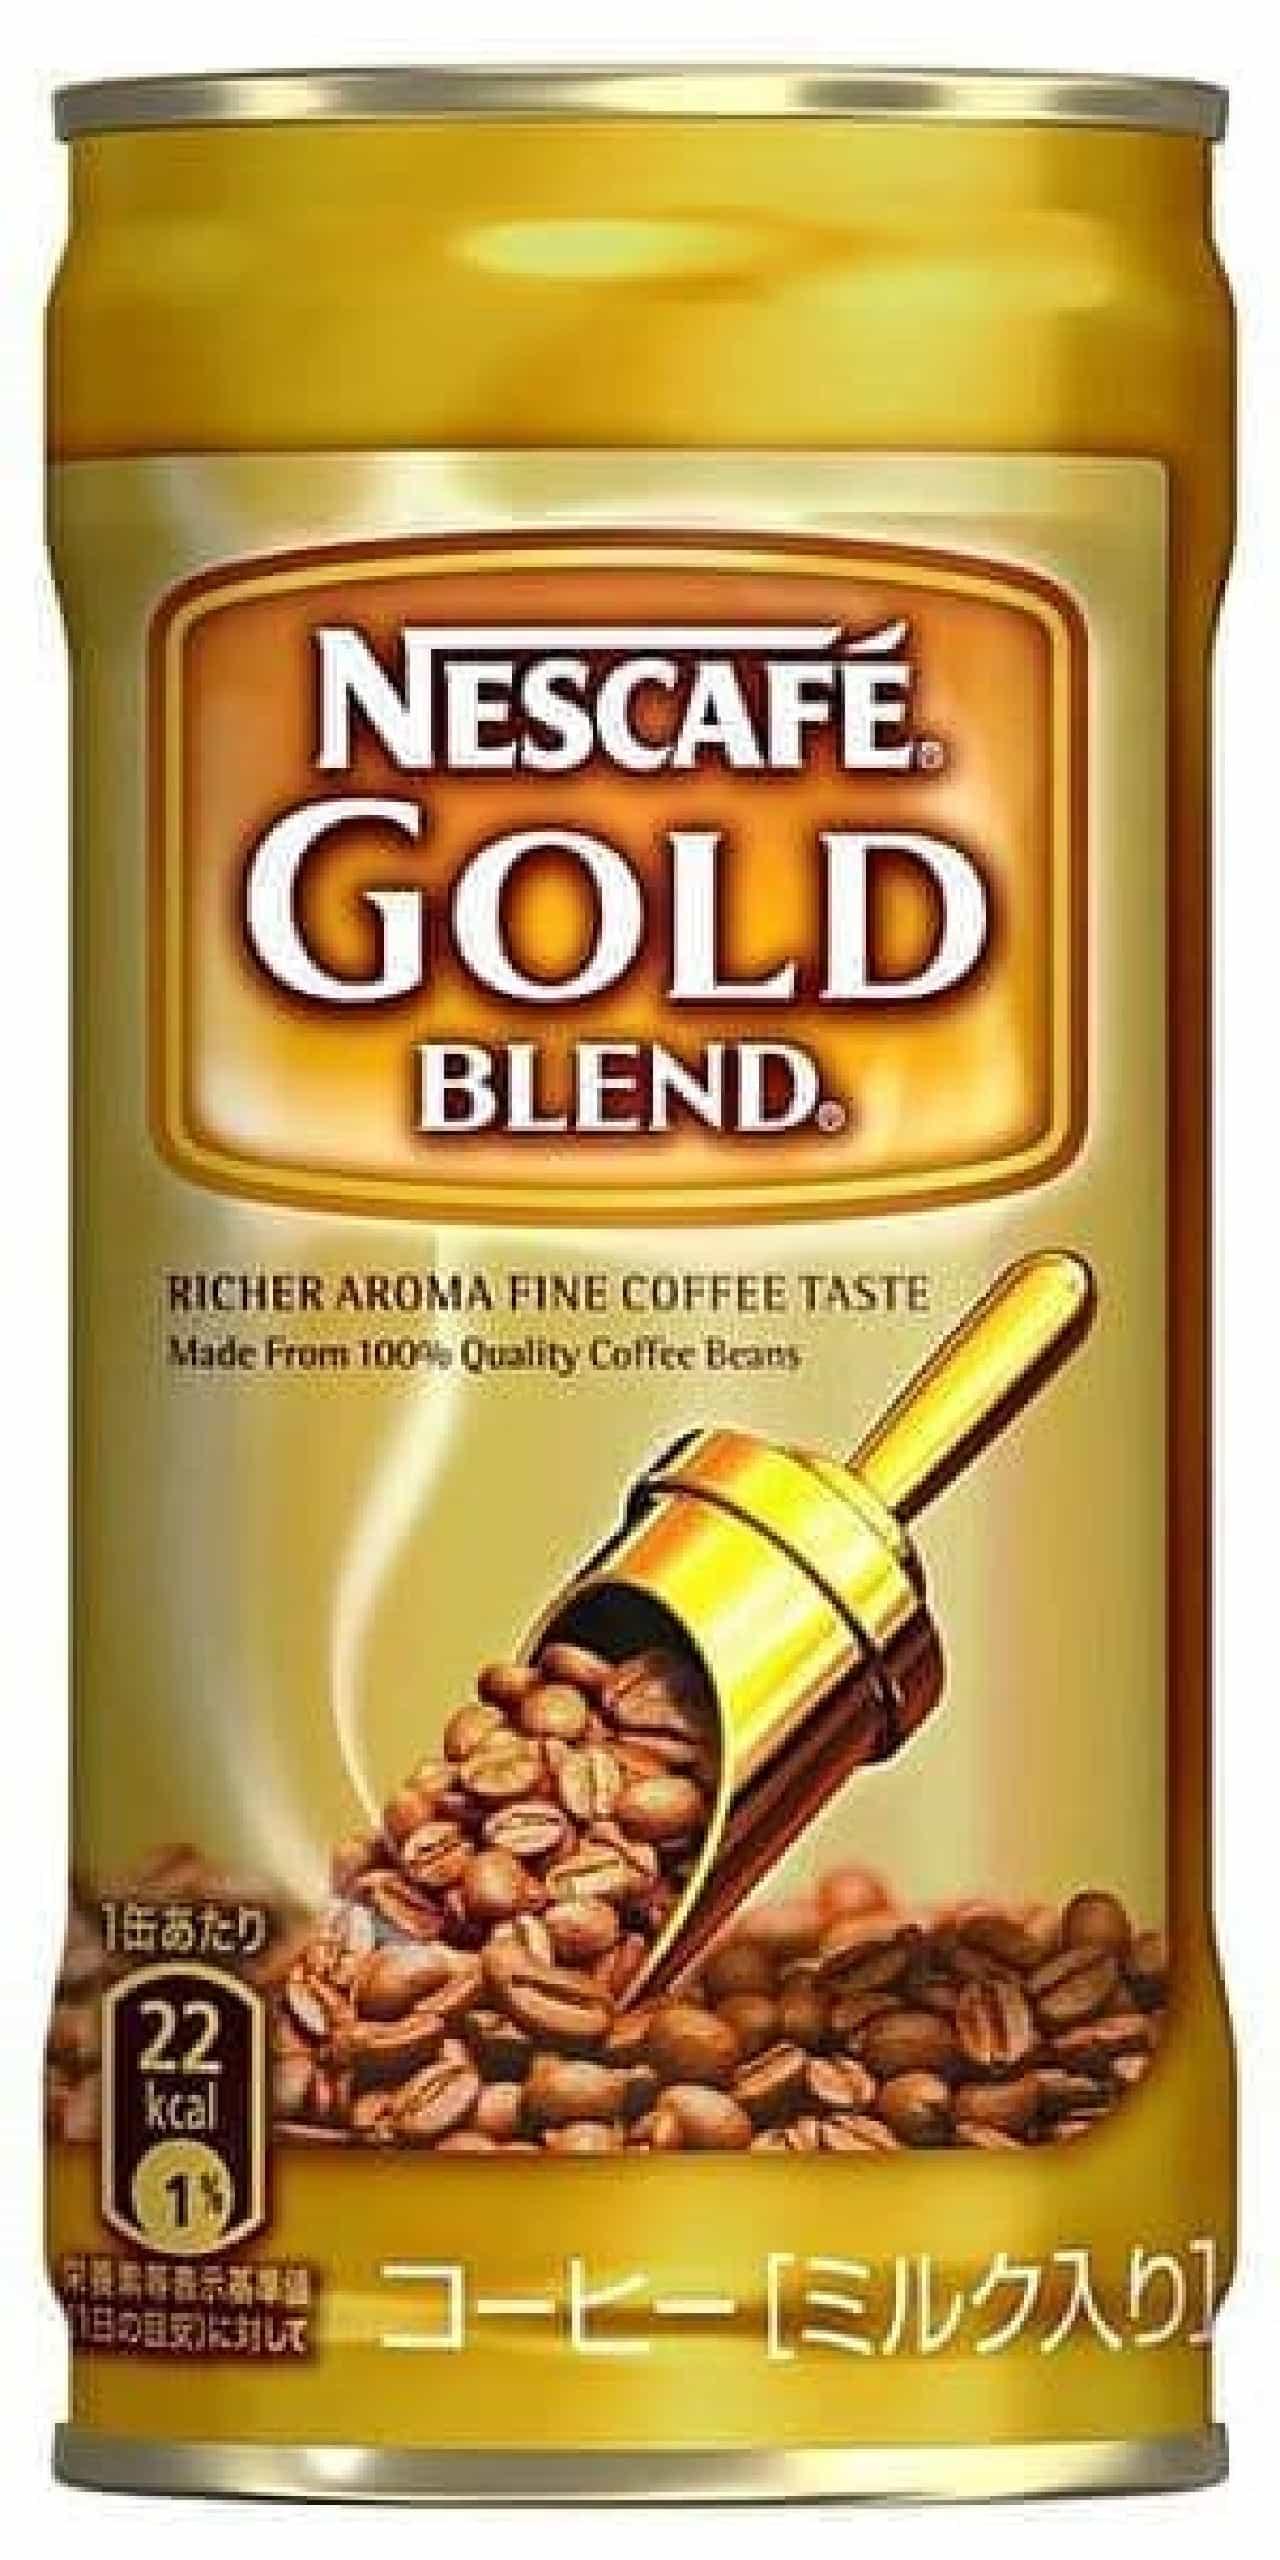 """「ネスカフェ ゴールドブレンド」が""""ホットでおいしい""""缶コーヒーになって登場"""